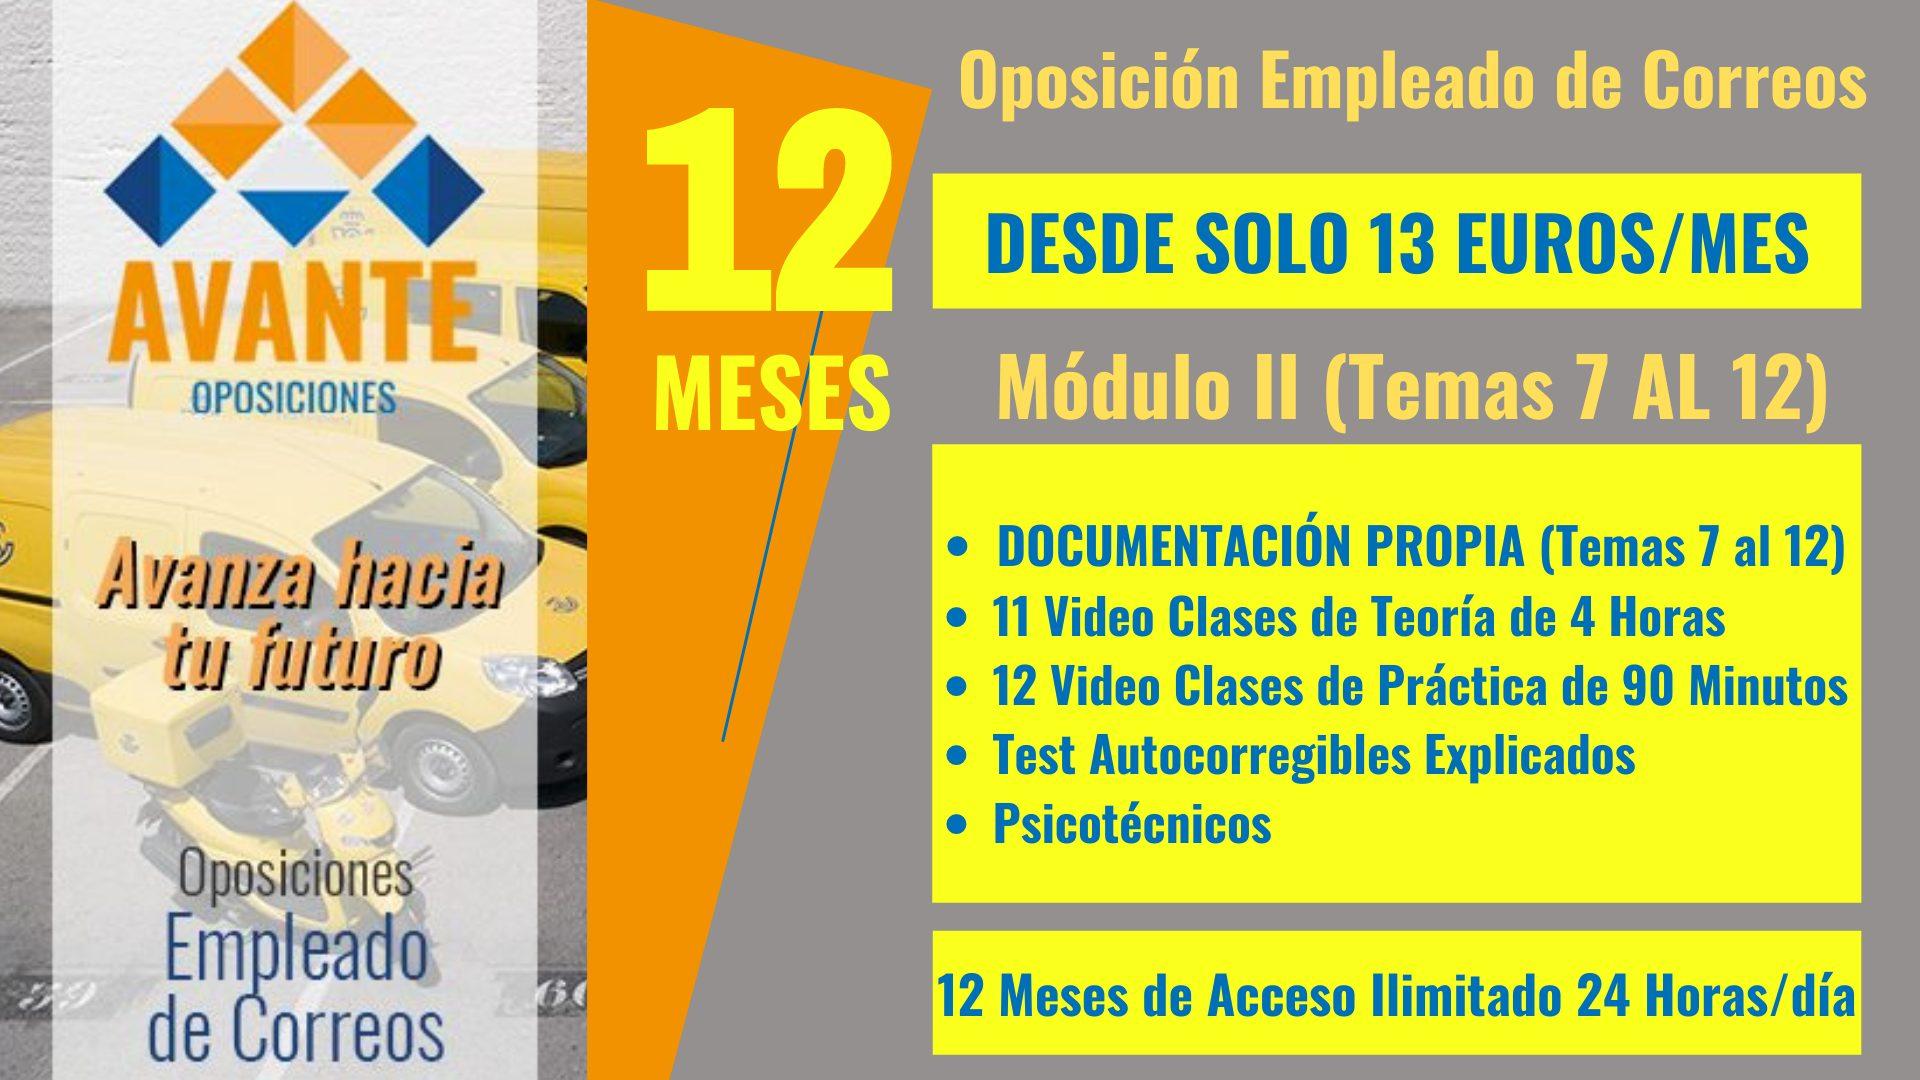 CORREOS modulo 2